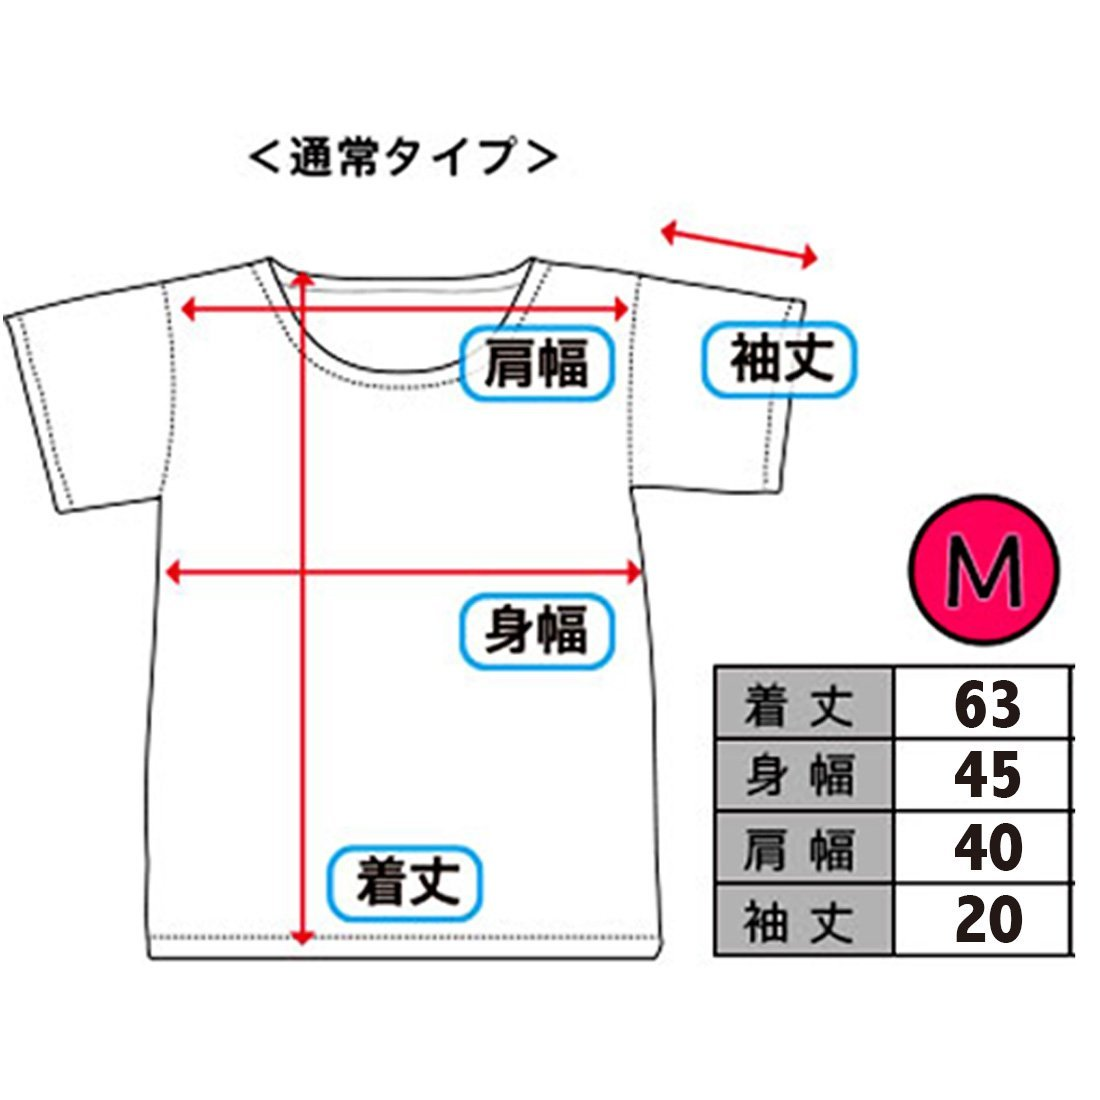 【入荷済】「 ミニオン 」 半袖Tシャツ ポケット ベロ—!